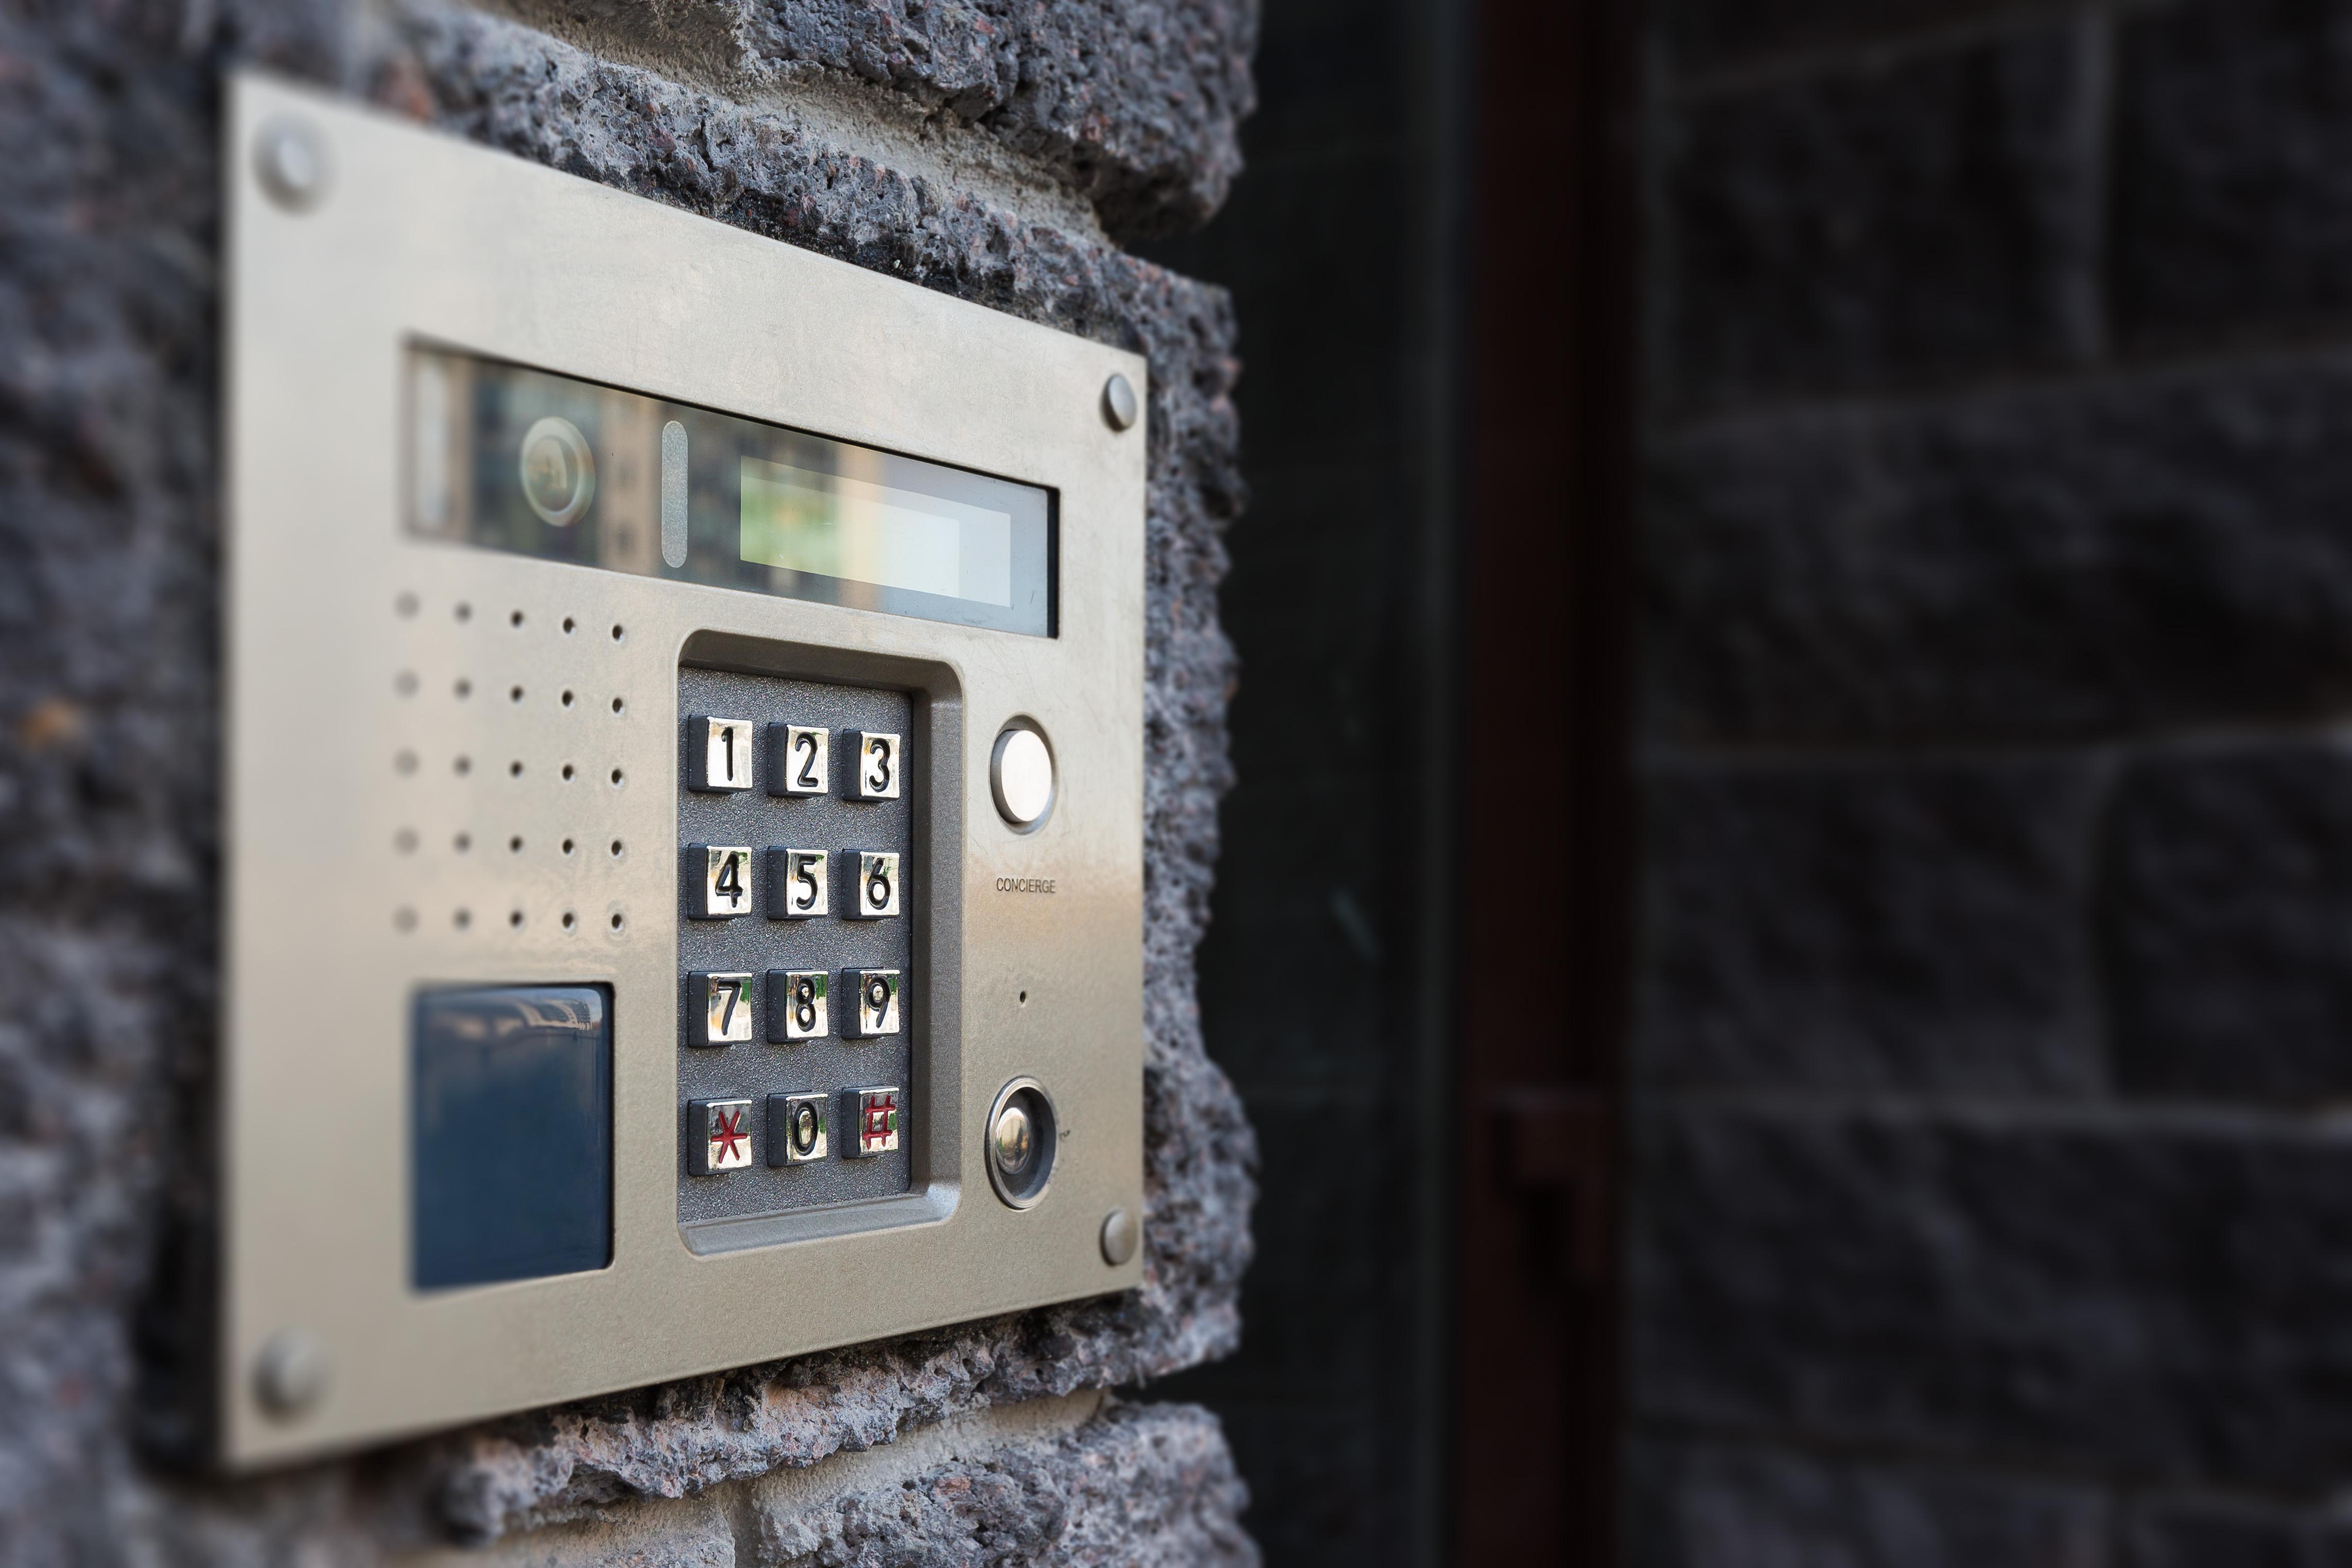 Close-up of building intercom - interphone- videophone - jmh-automatisme - reyrieux - installation volets roulants - portails automatiques - ouverture automatique - fermeture automatique - interphonie - videophonie - motorisation de volets